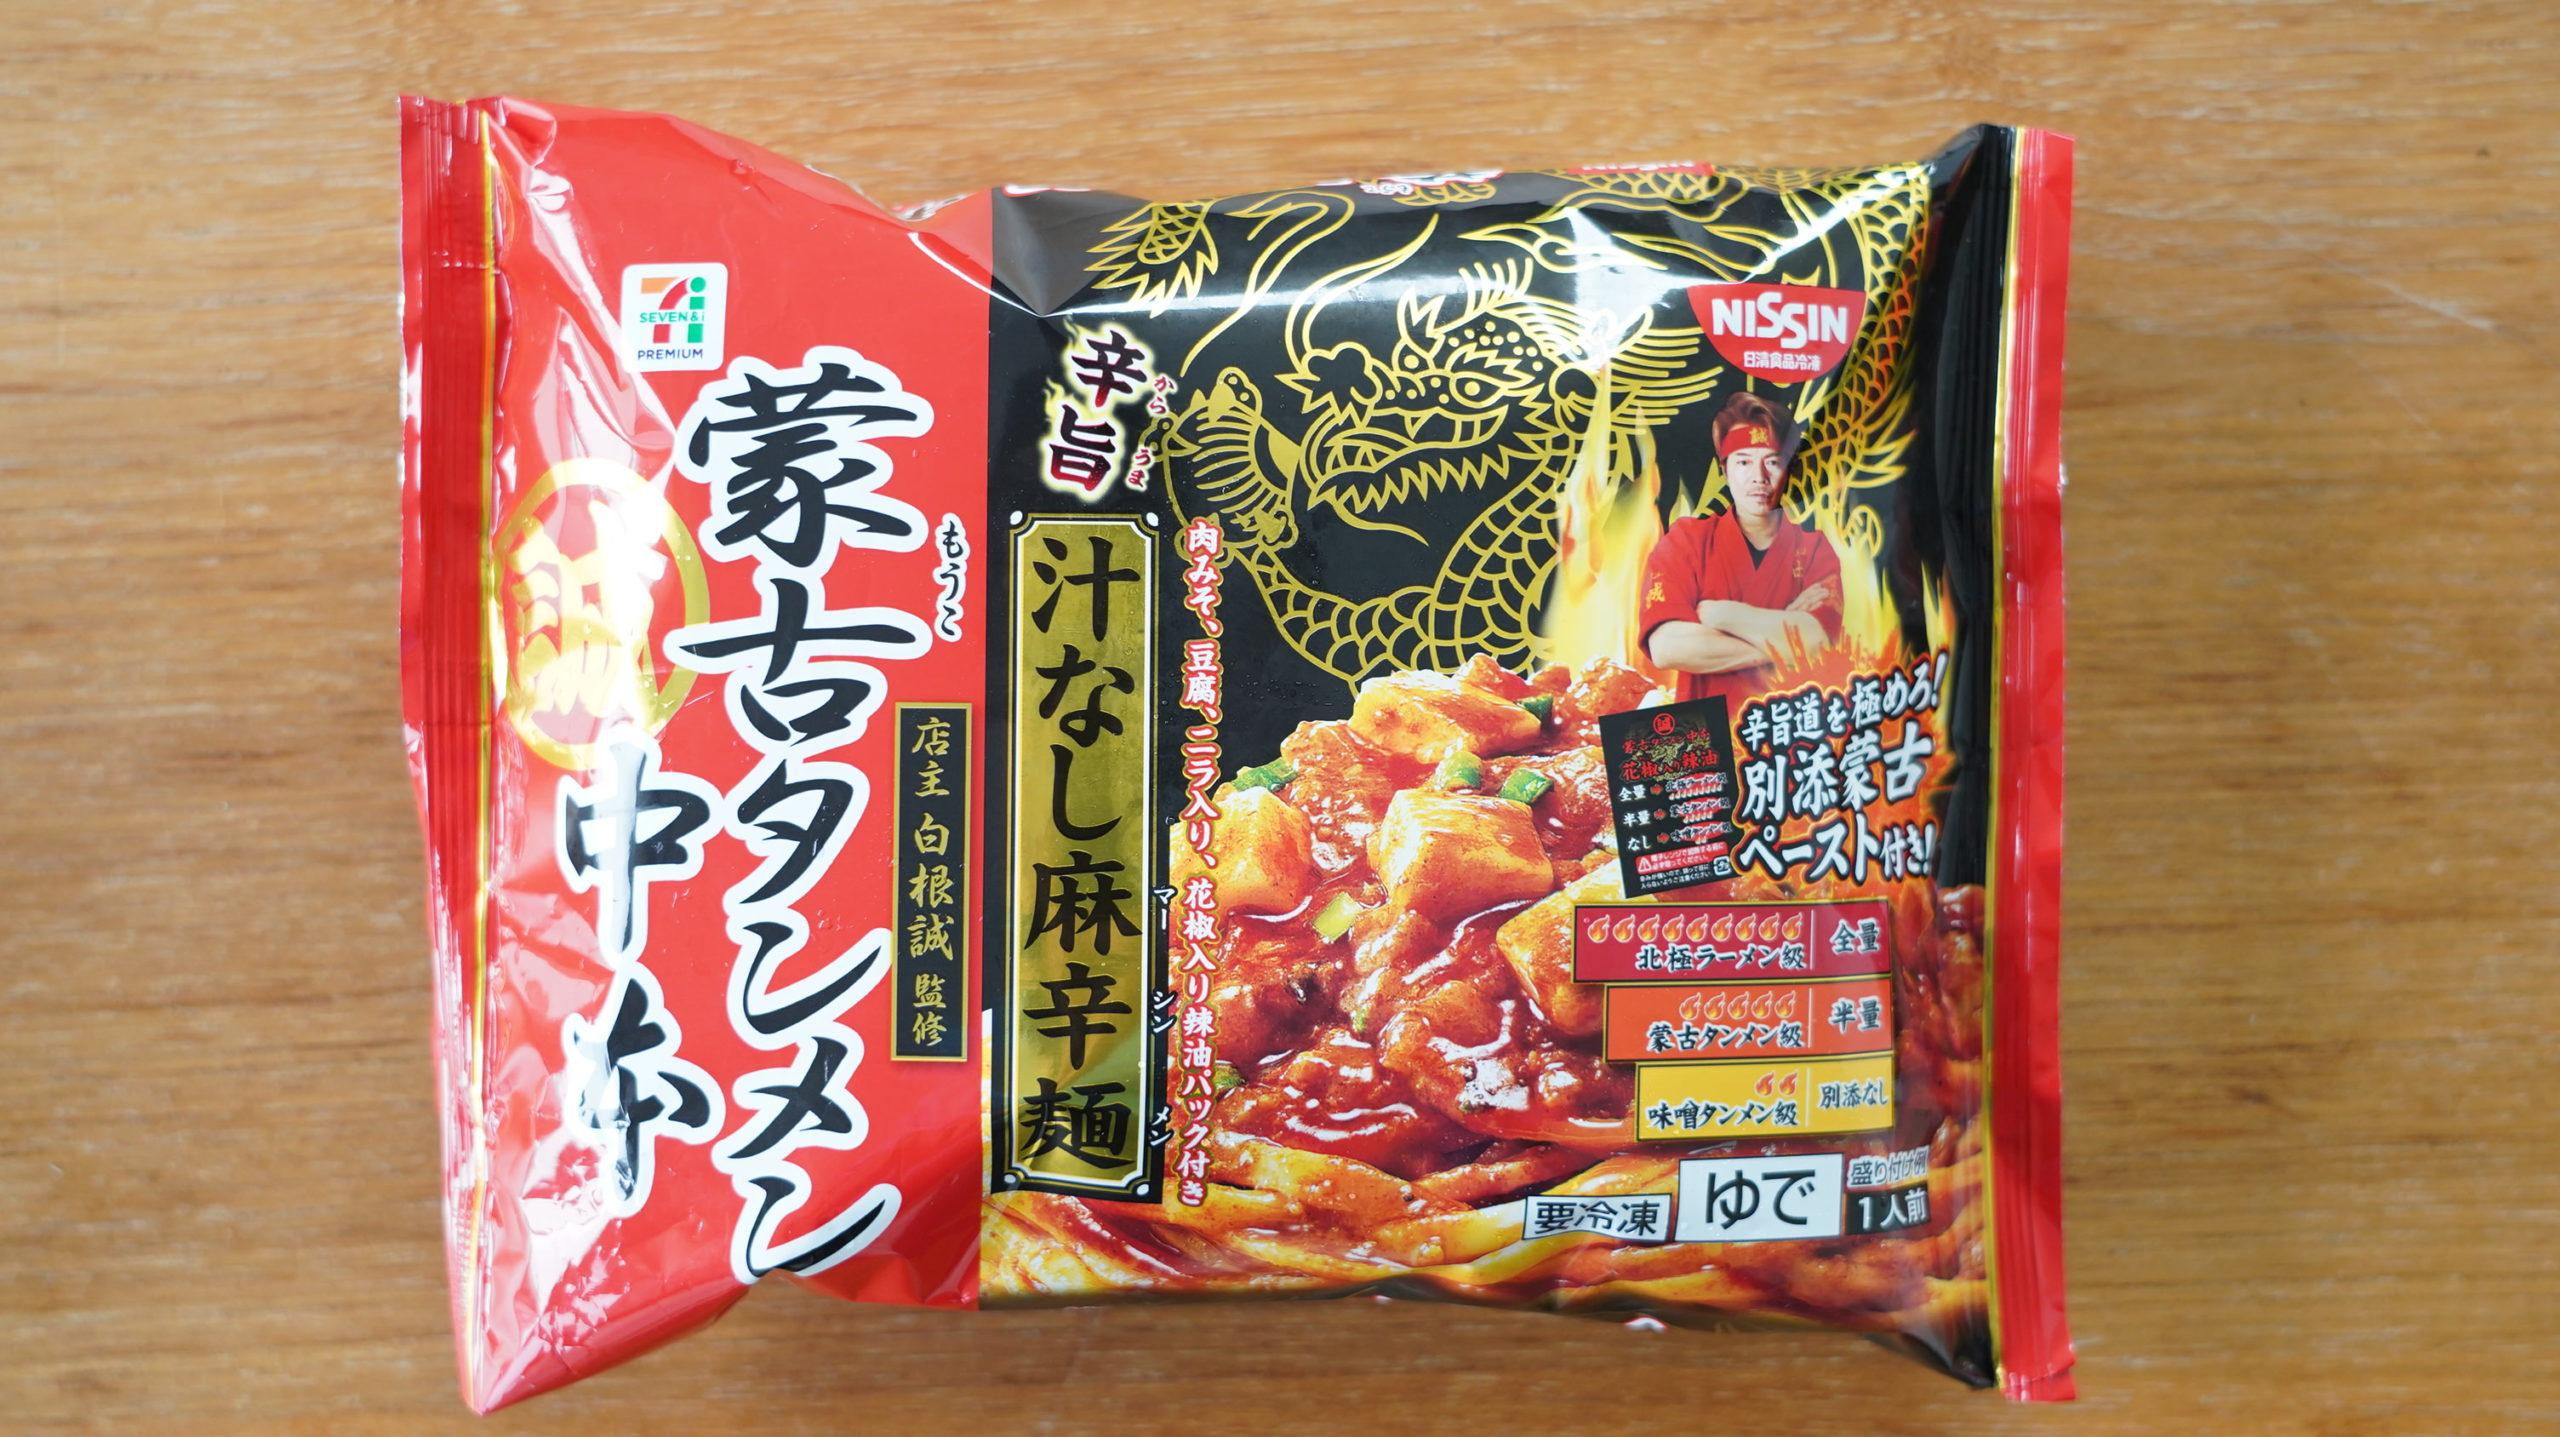 セブンイレブンで購入した「蒙古タンメン中本」のつけ麺